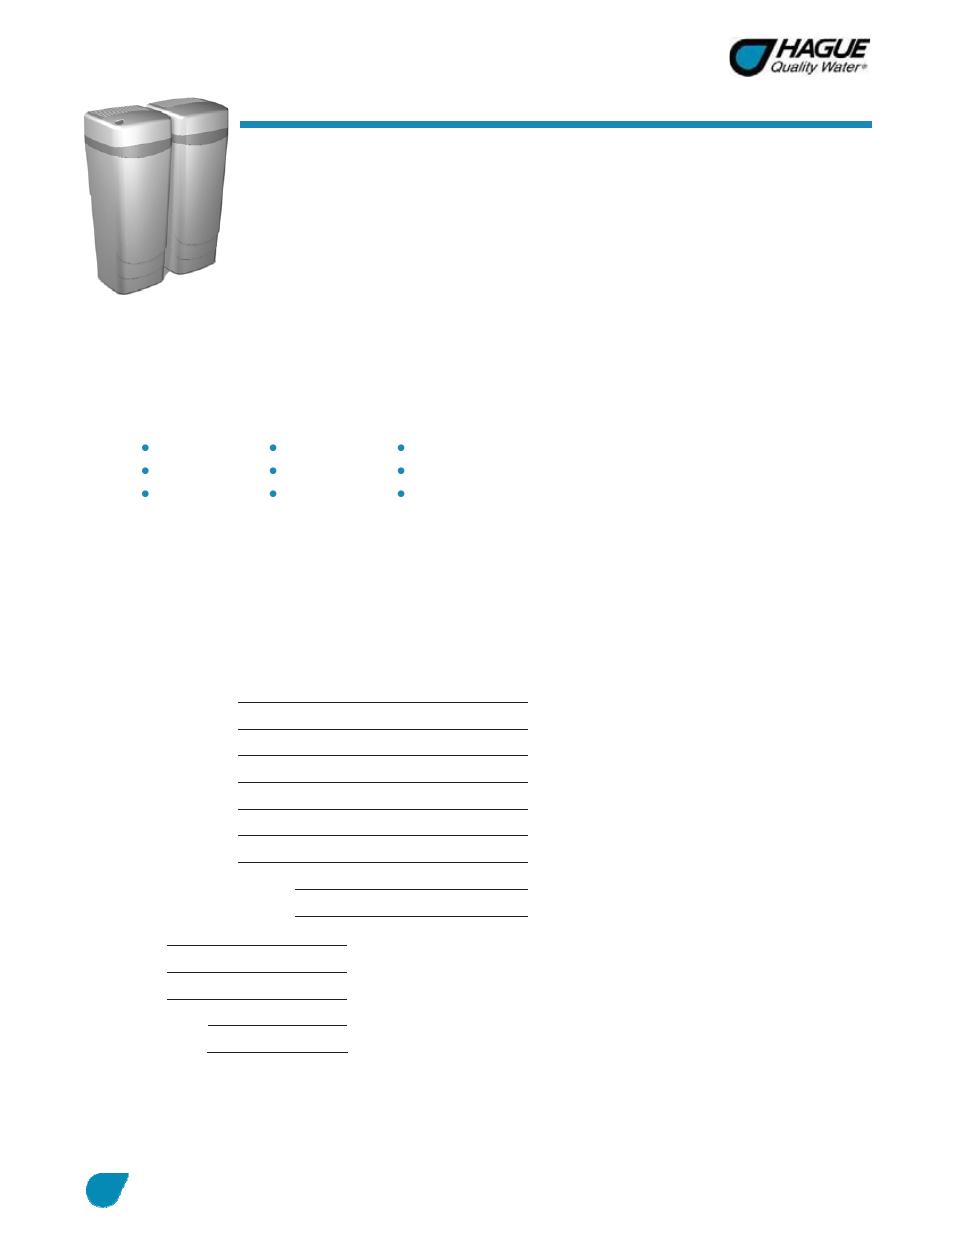 Hague Quality Water Intl Watermax 60 Series User Manual Manual Guide